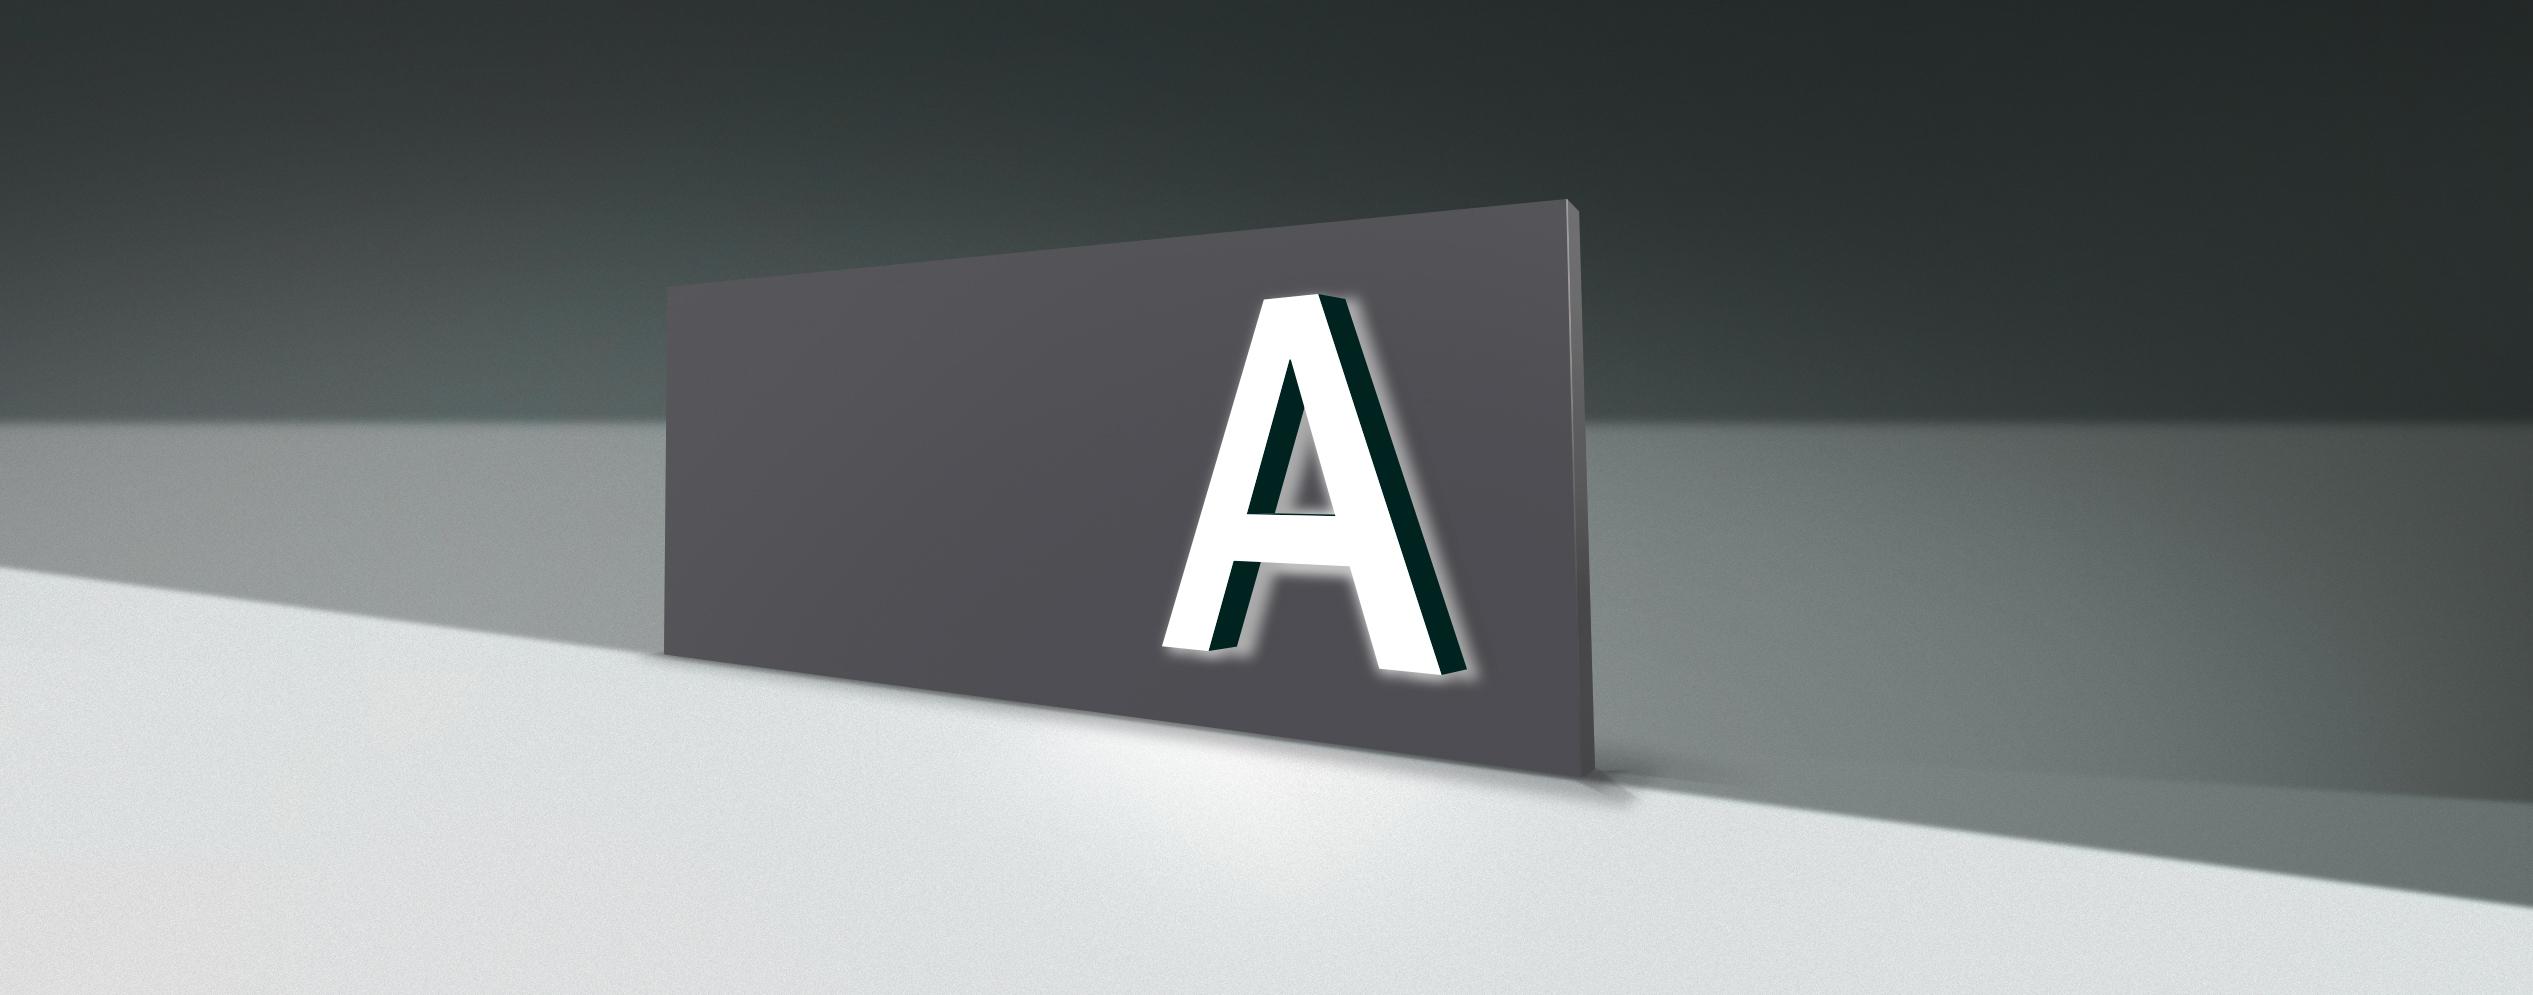 Insegne con lettere sporgenti